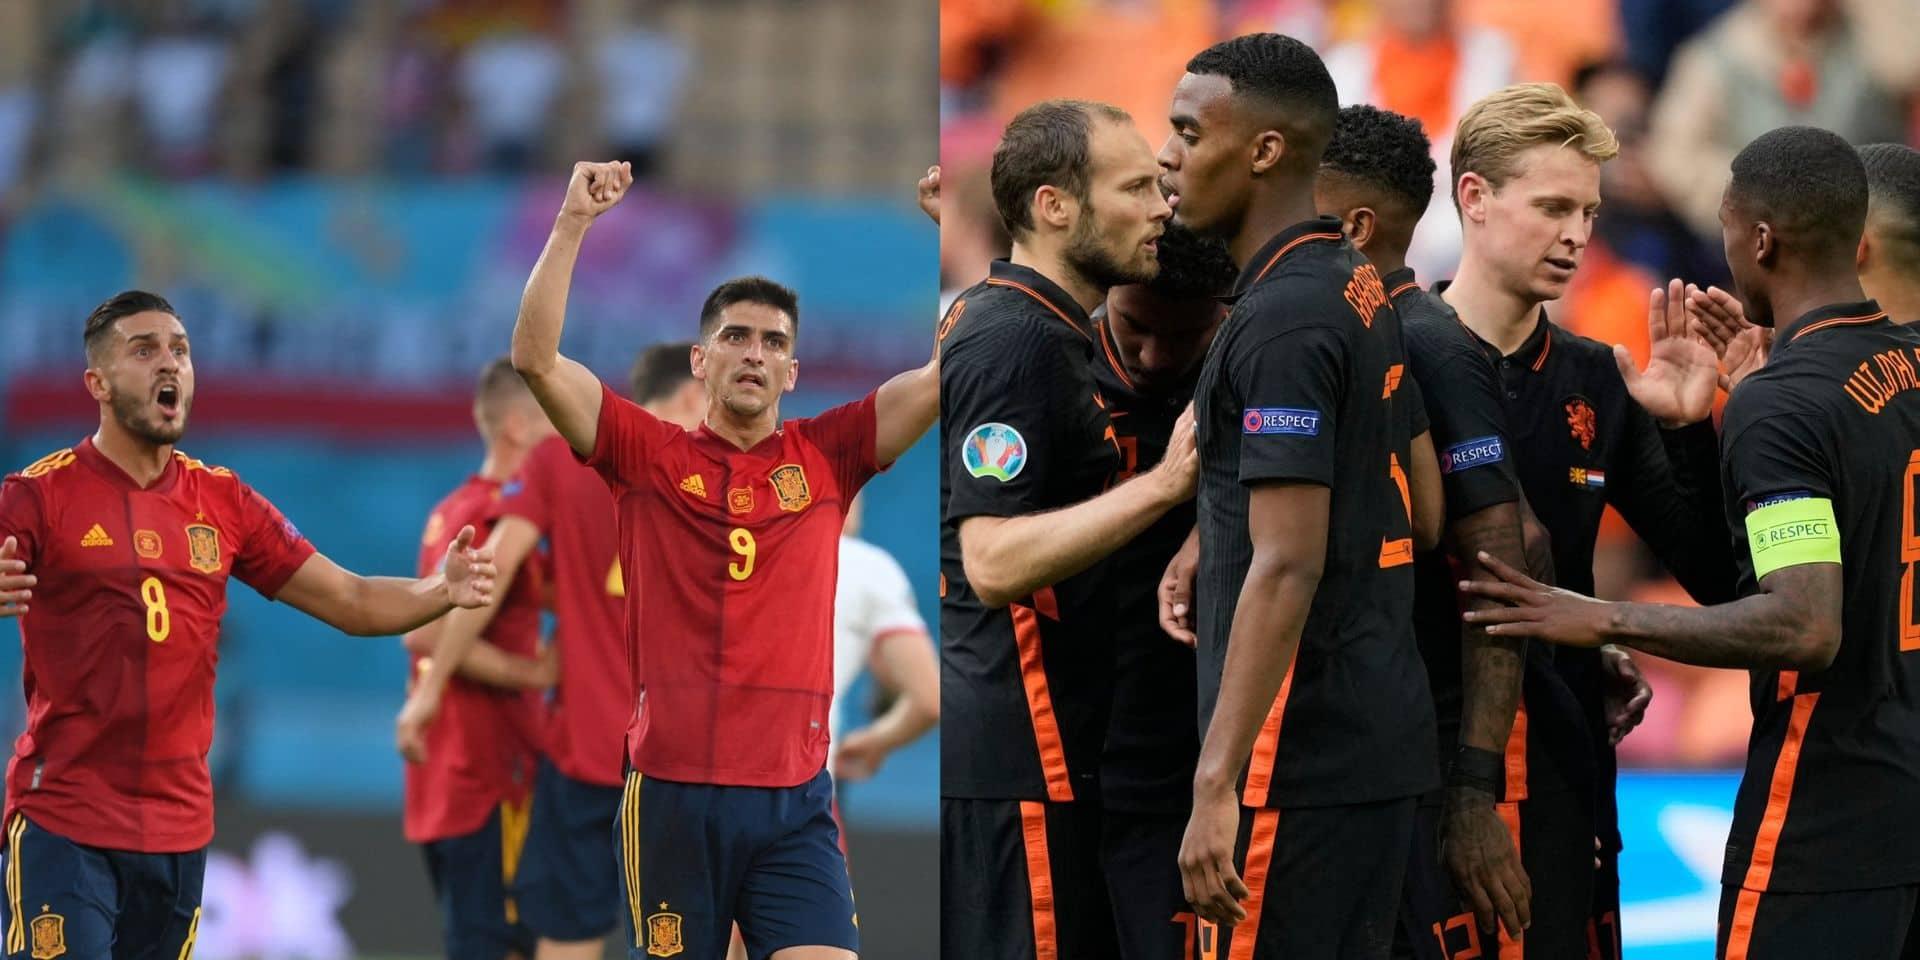 """Après la rivalité entre la Belgique et la France, voici celle de l'Espagne et des Pays-Bas: """"Il veut son moment de gloire"""""""